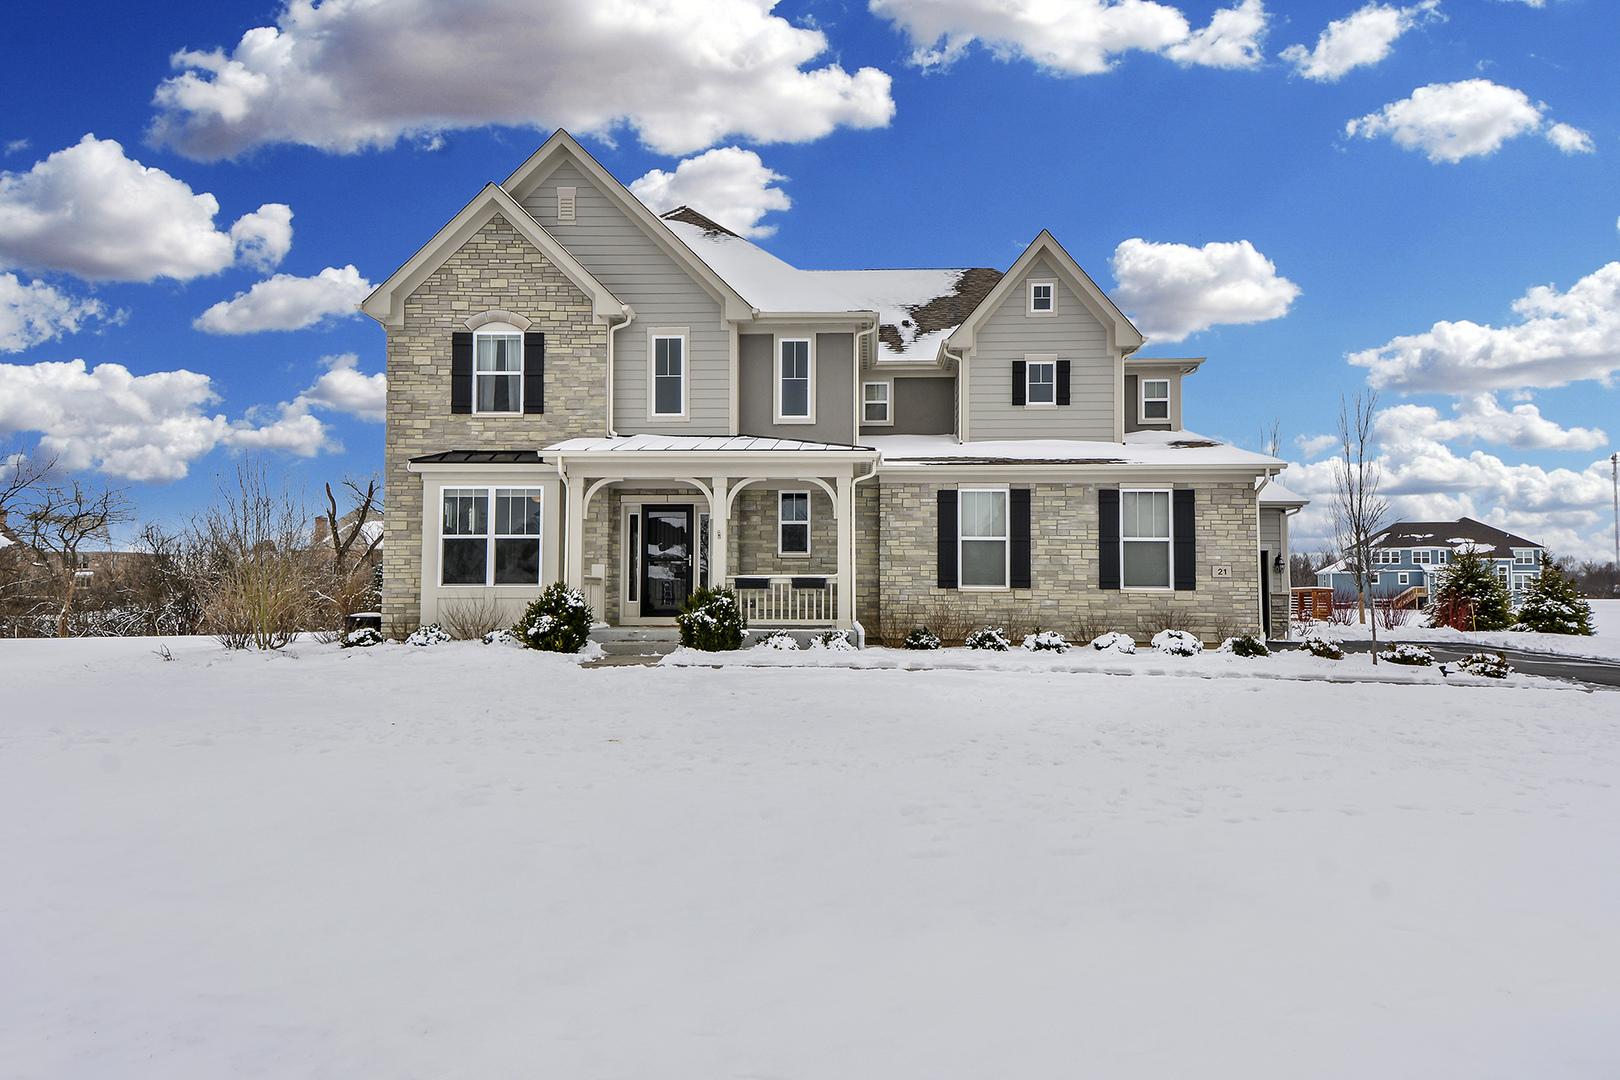 21 East Peter Lane, Hawthorn Woods, Illinois 60047